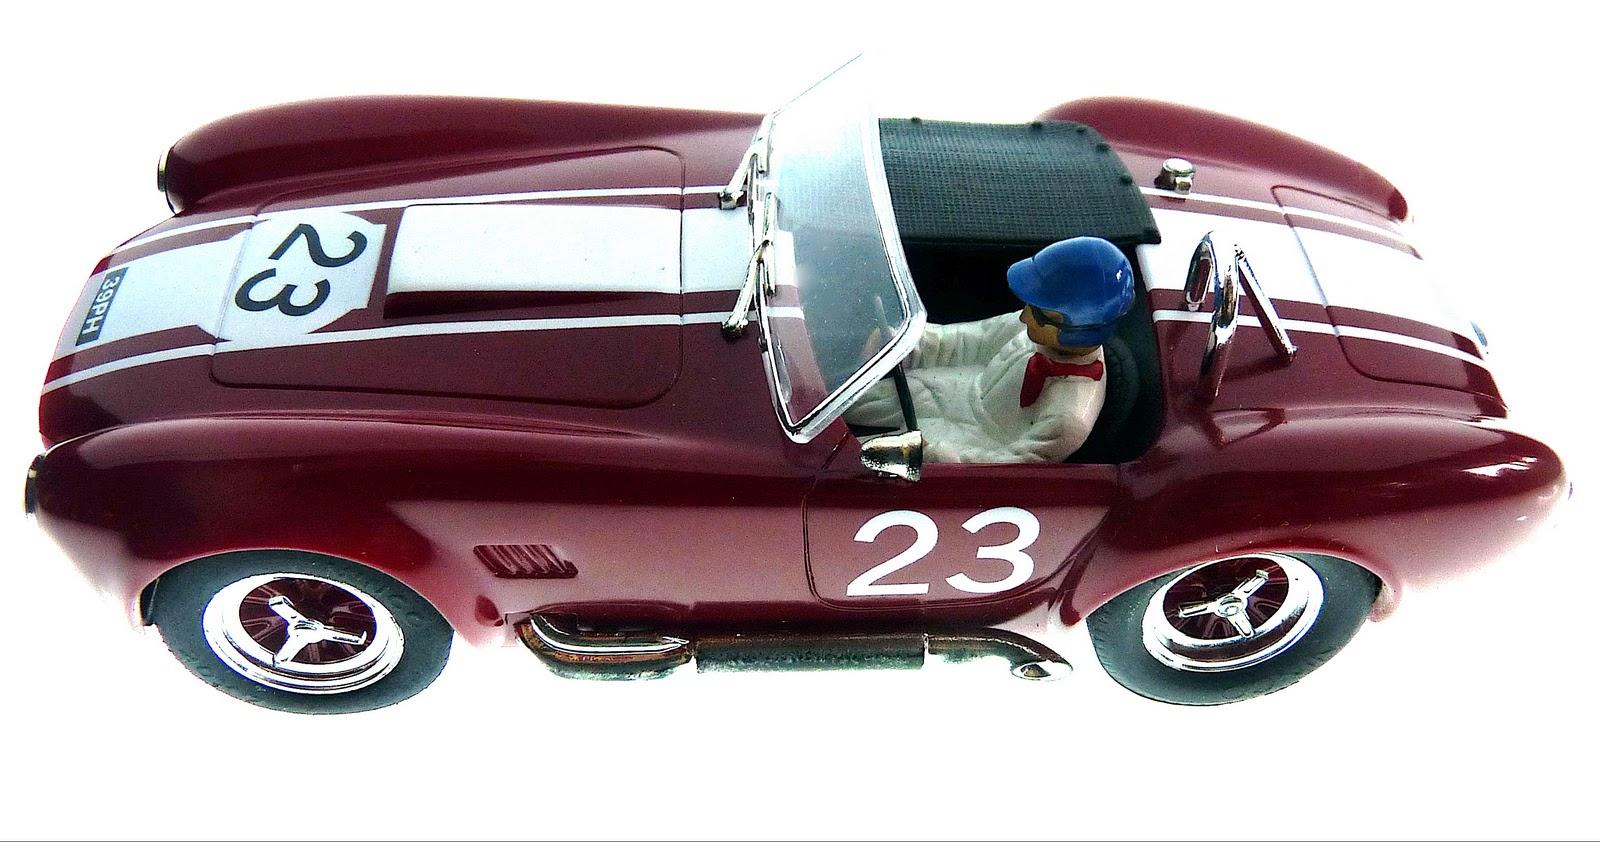 Mrrc 1//32 shelby cobra short roof-car body slot kit revell monogram classic